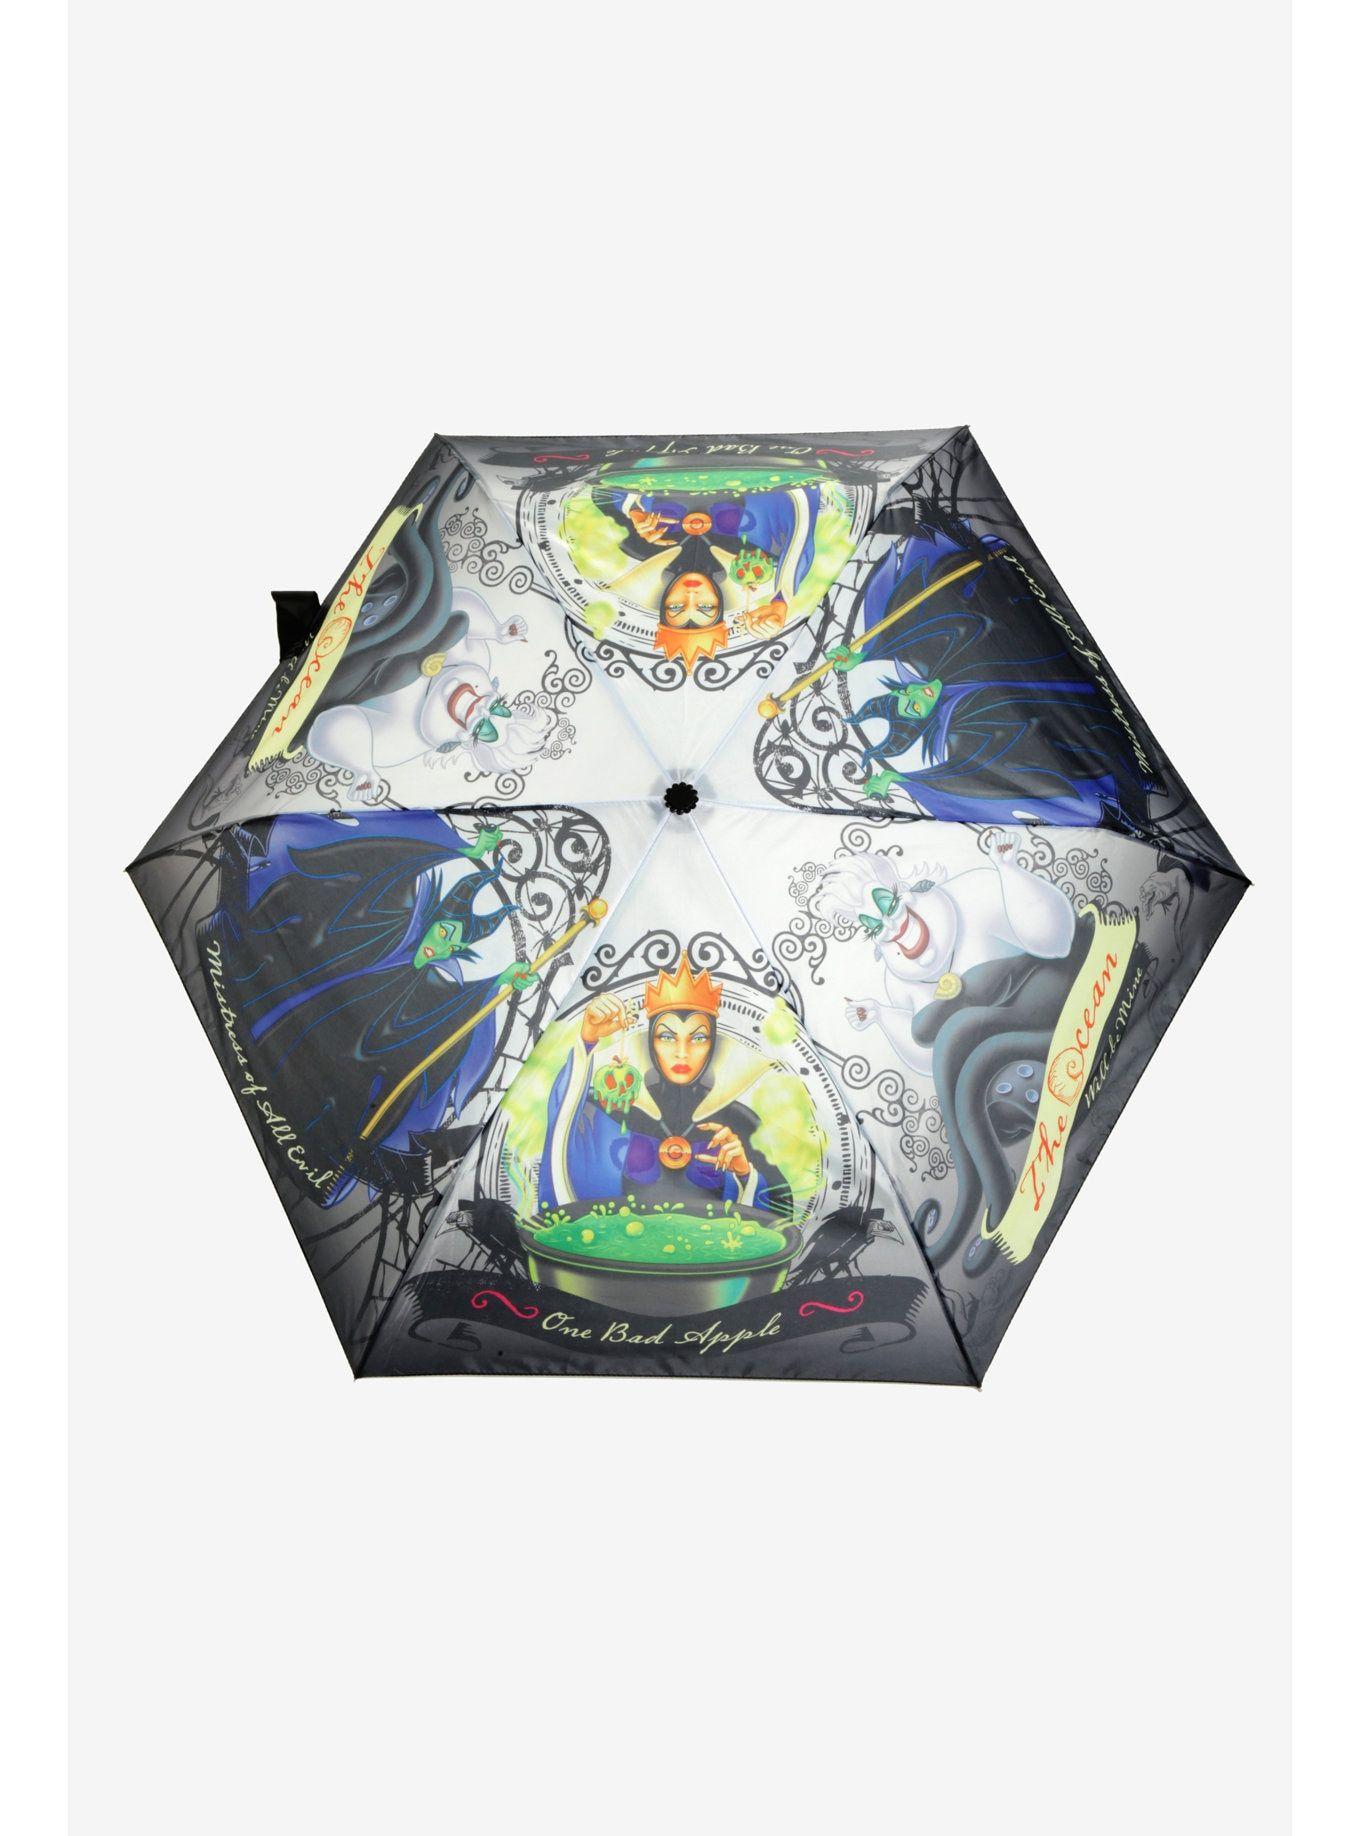 a91917bebe911 Disney Villains Push Button Umbrella